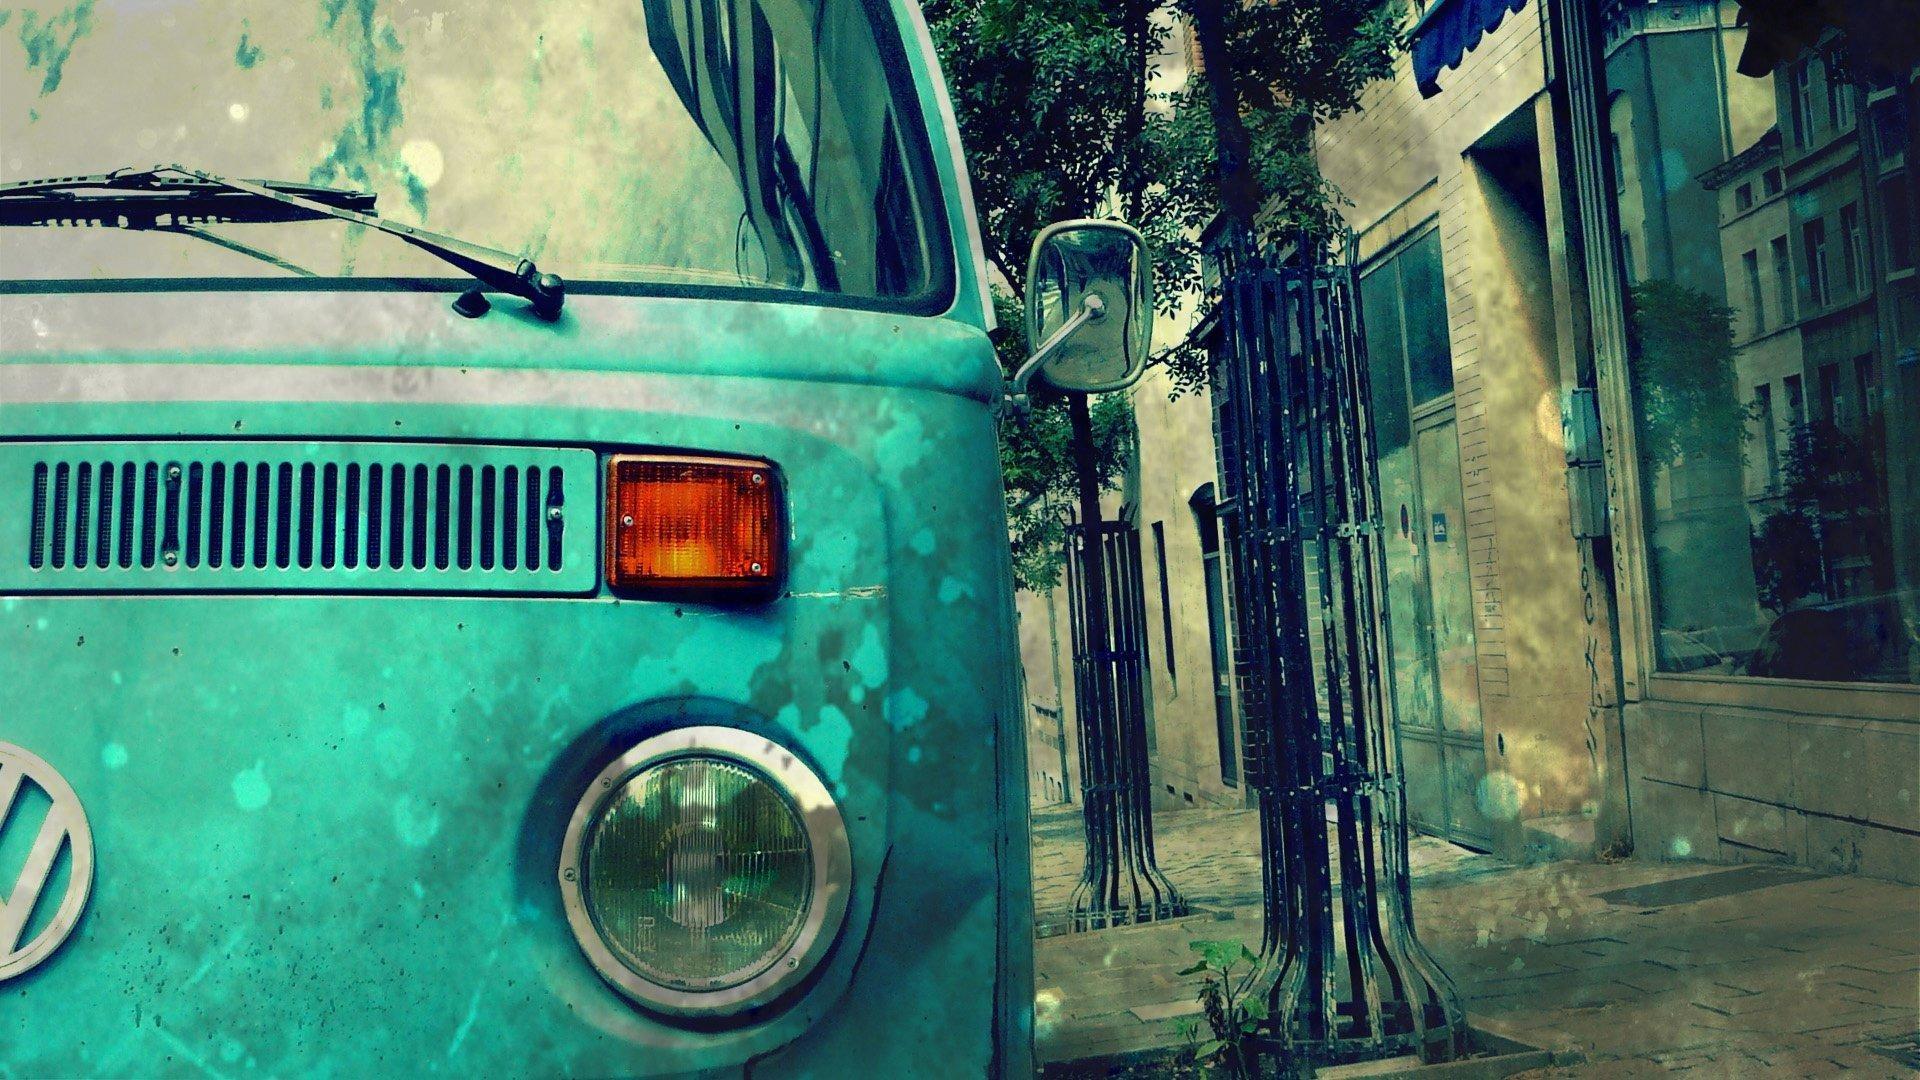 Vans-latest-volkswagen-camper-van-wg-wallpapers